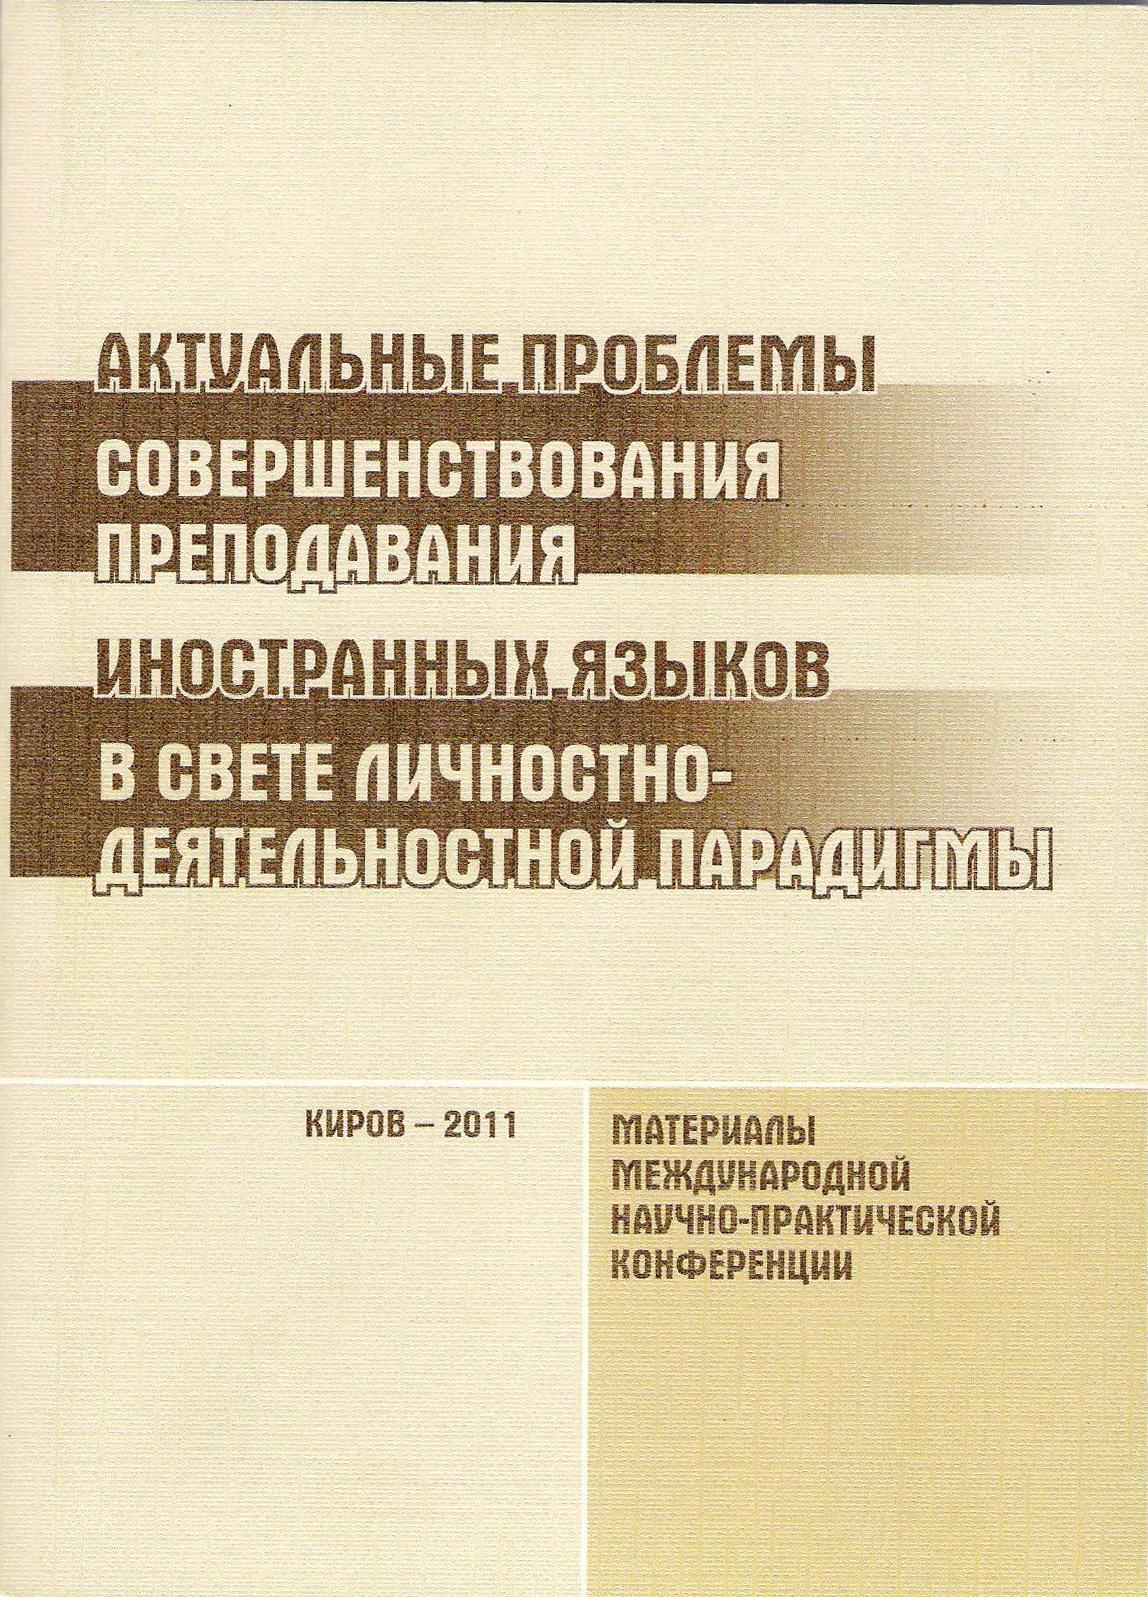 Актуальные проблемы совершенствования преподавания иностранных языков в свете личностно-деятельностной парадигмы: Материалы II Международной научно-практической конференции